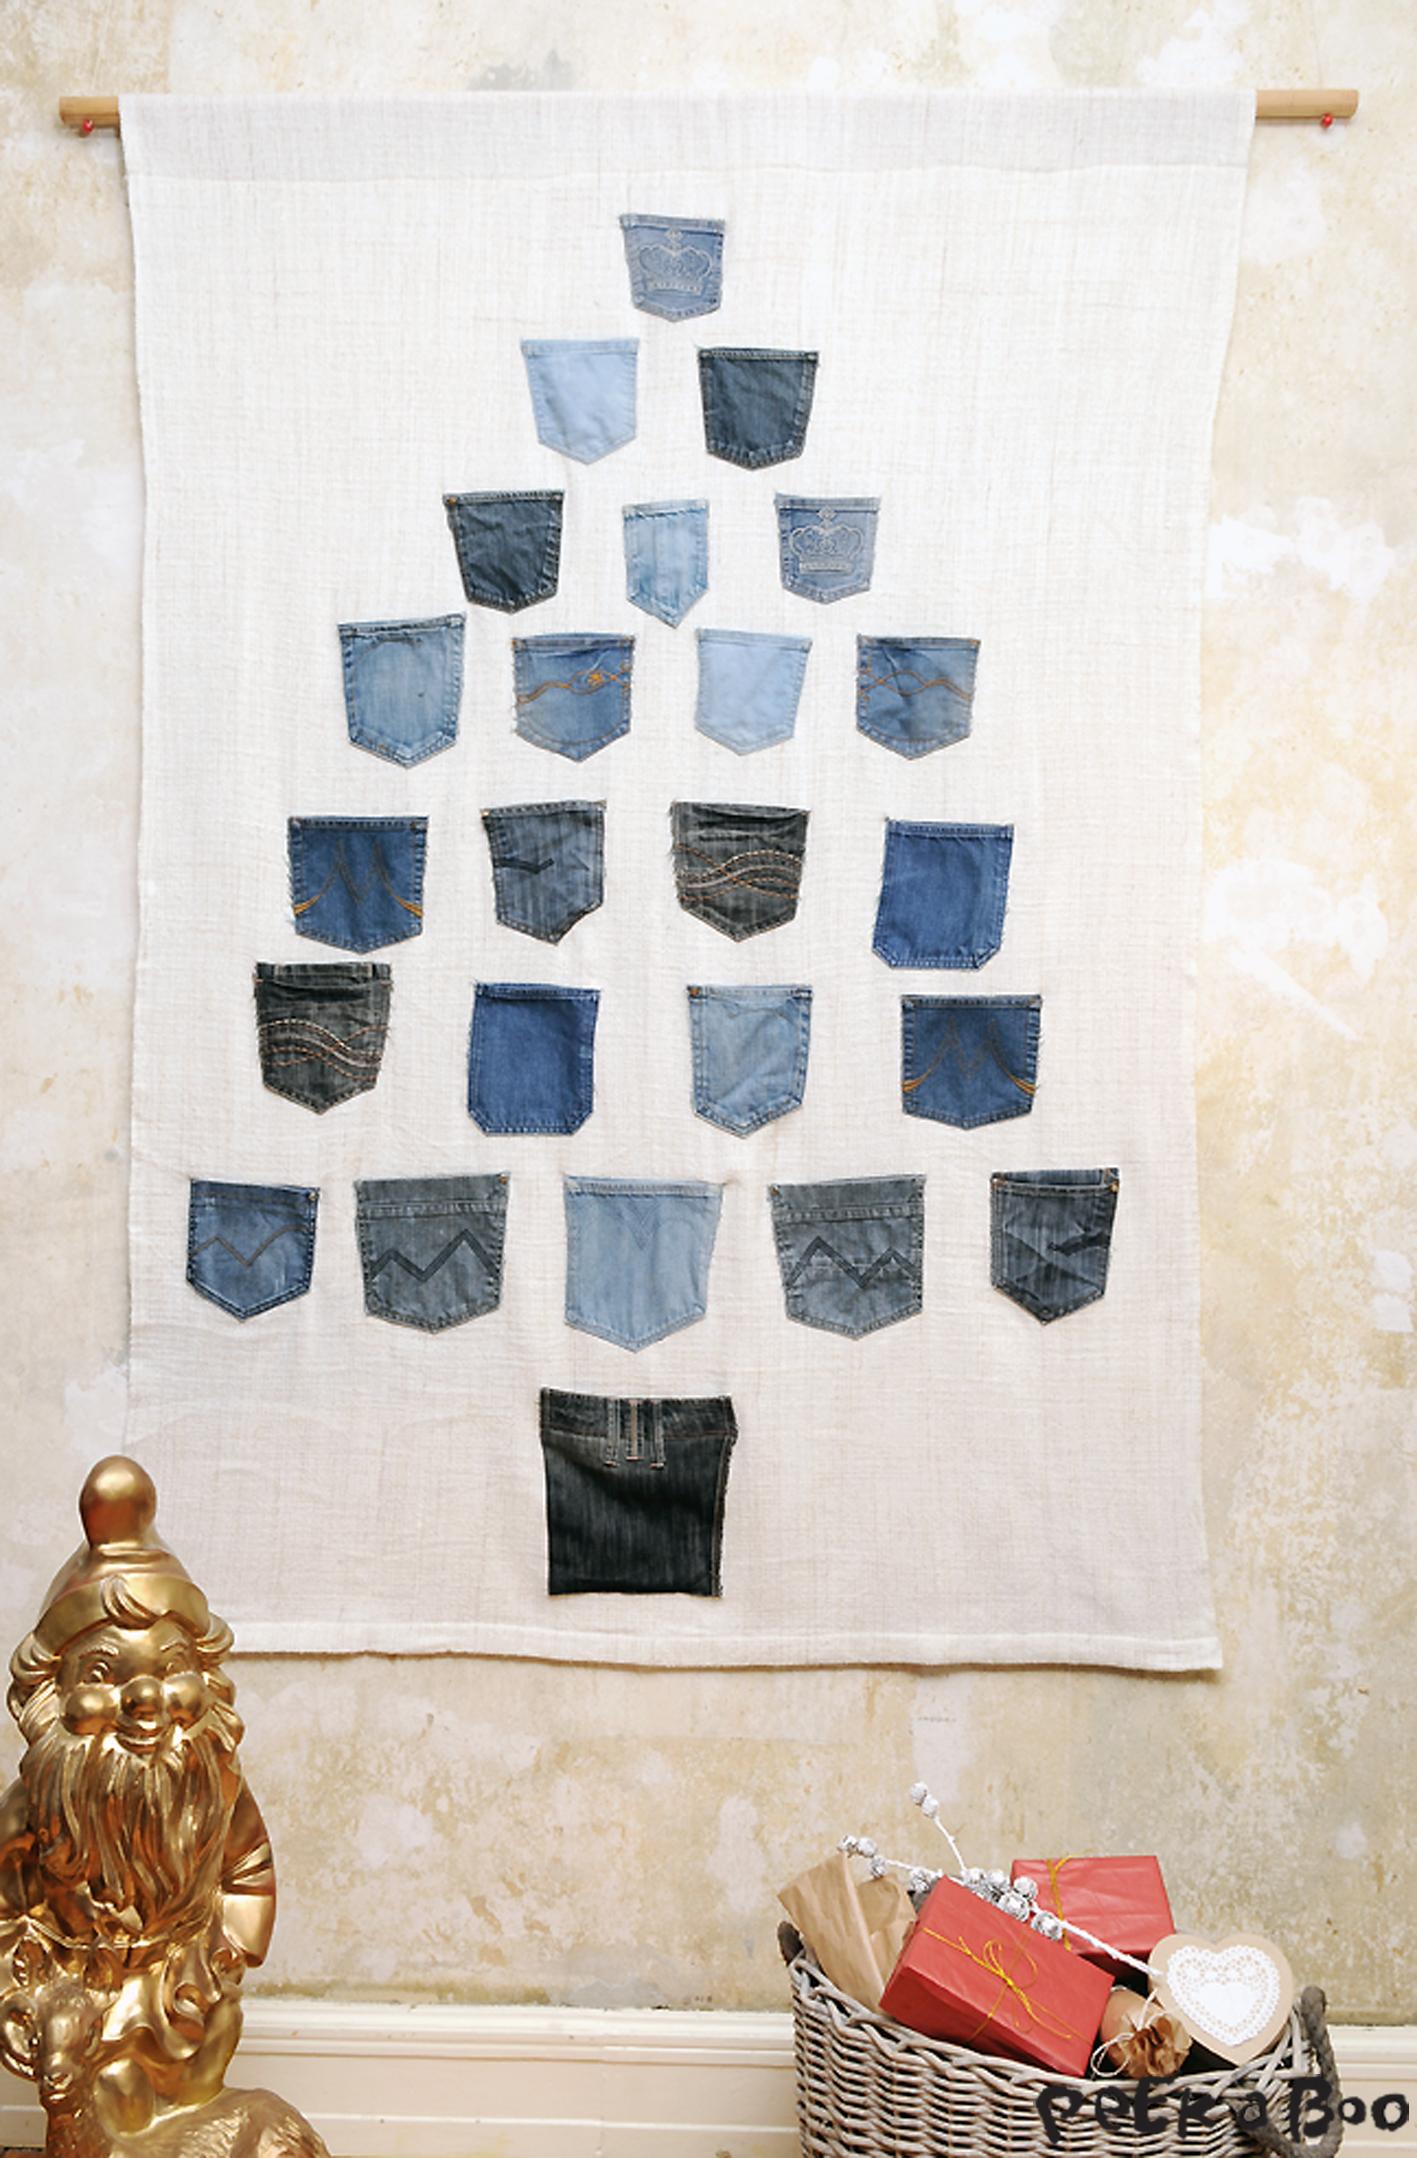 Det endelige resultat efter hele familiens aflagte jeans har fået nyt liv som pakkekalender.